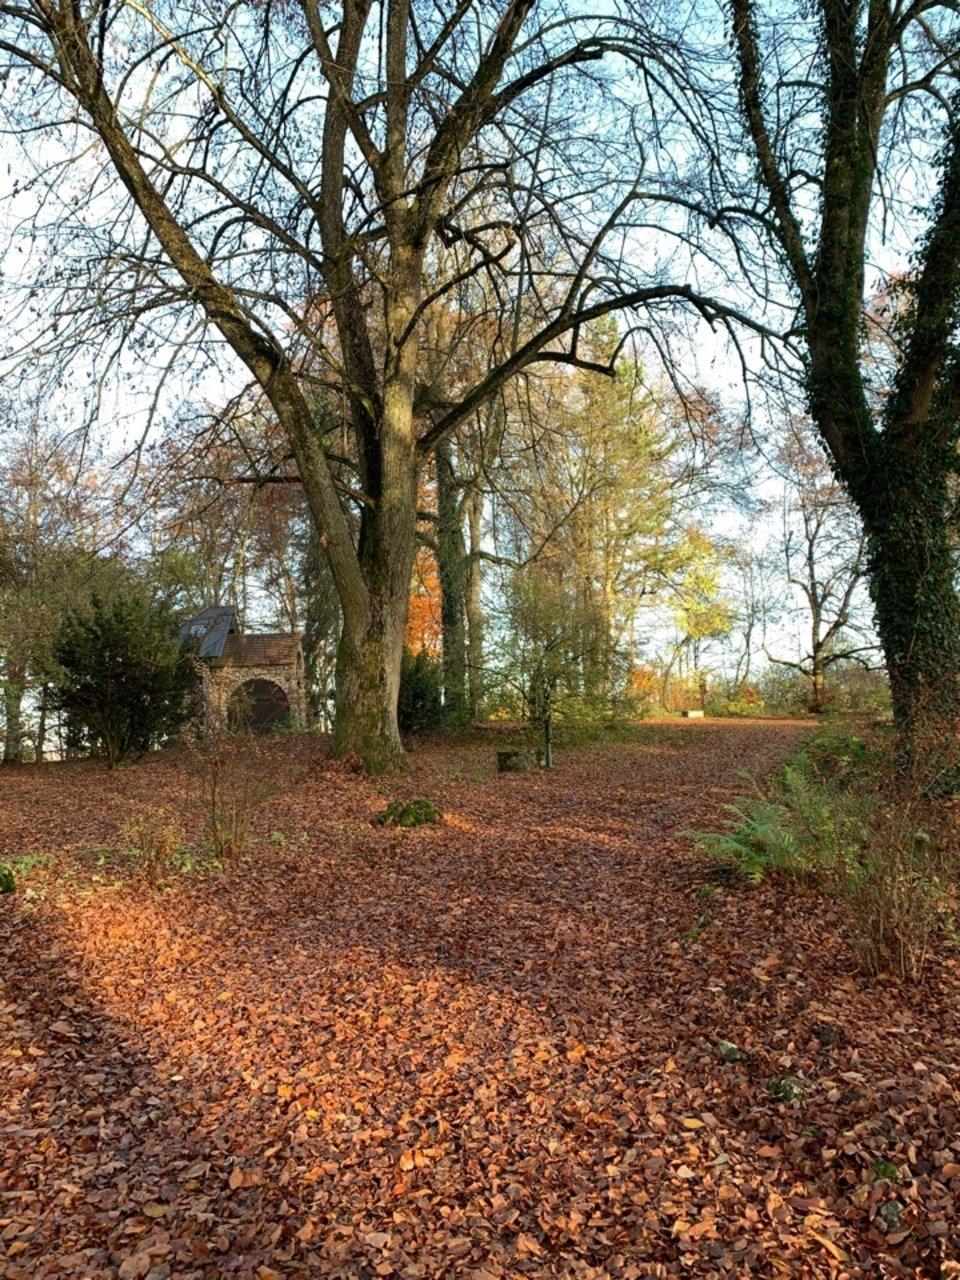 Ein Pfad unter Bäumen. Eine Kapelle im Hintergrund. Es ist Herbst.